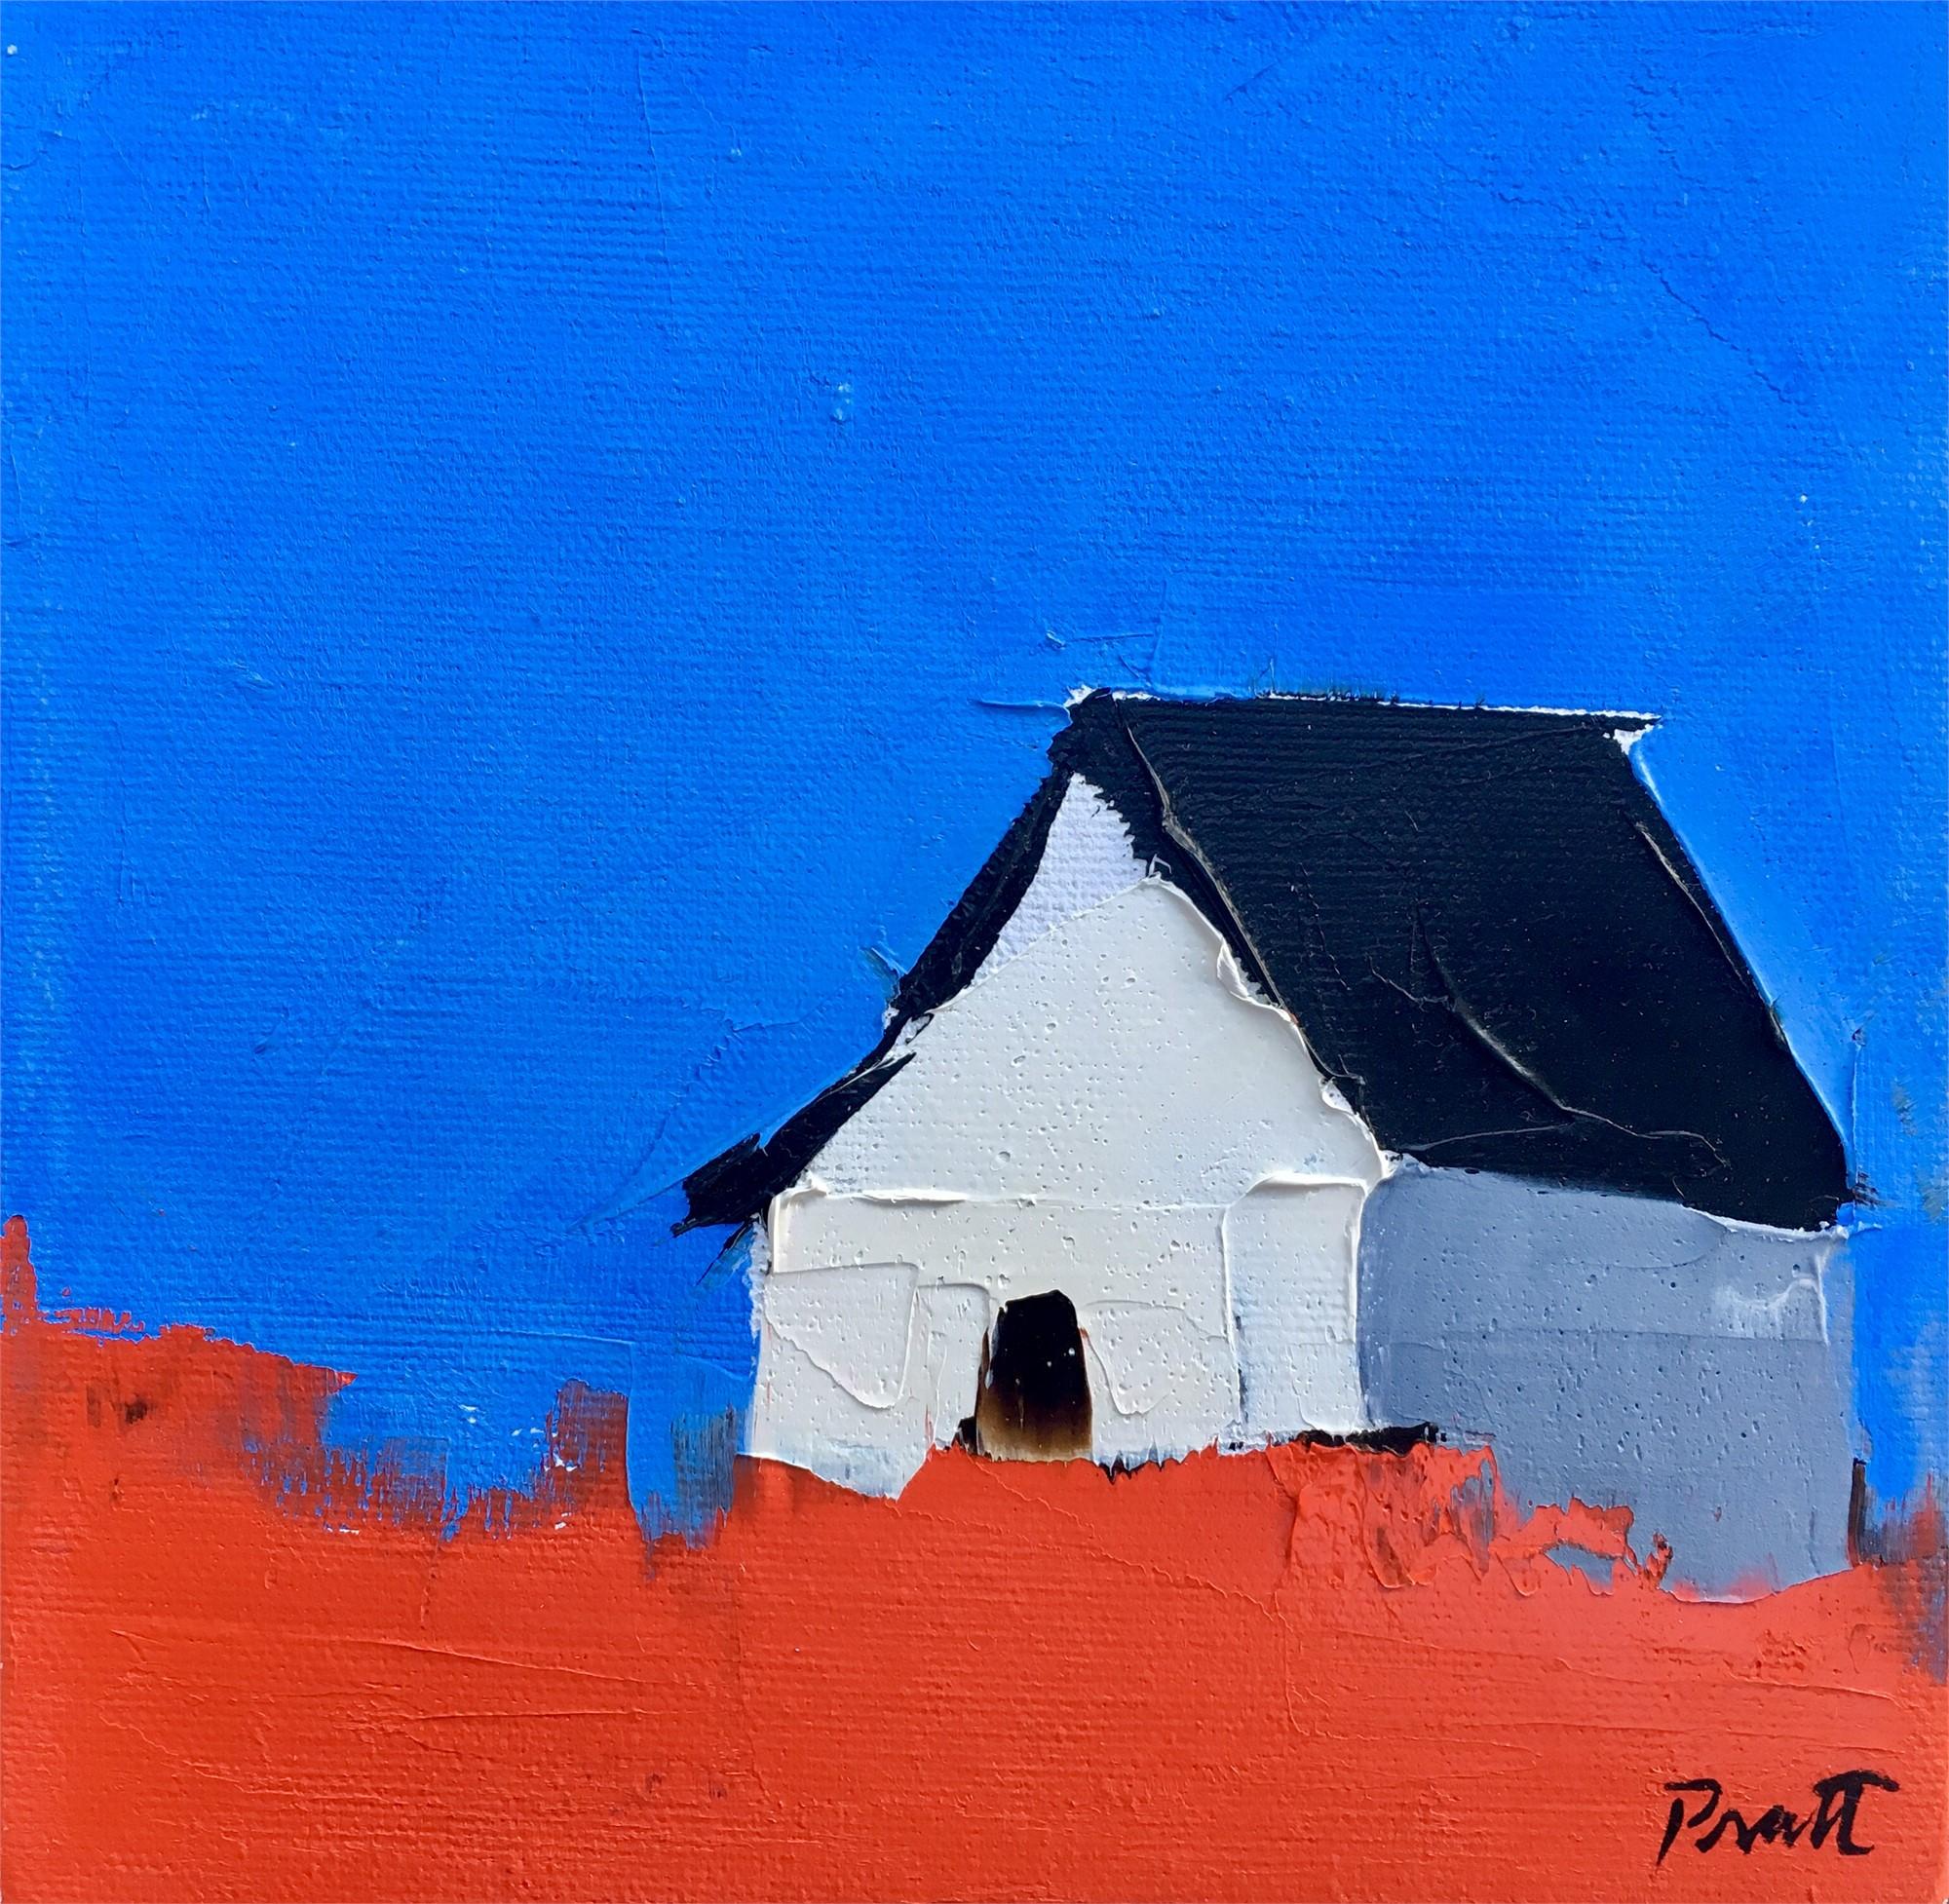 White Barn and Blue Sky by Sandra Pratt